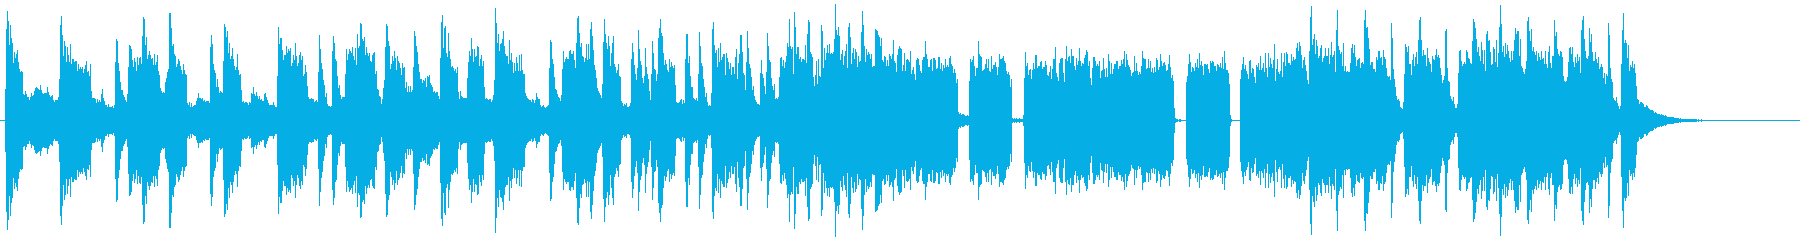 バッドさが全開のヘヴィメタル系ジングルの再生済みの波形